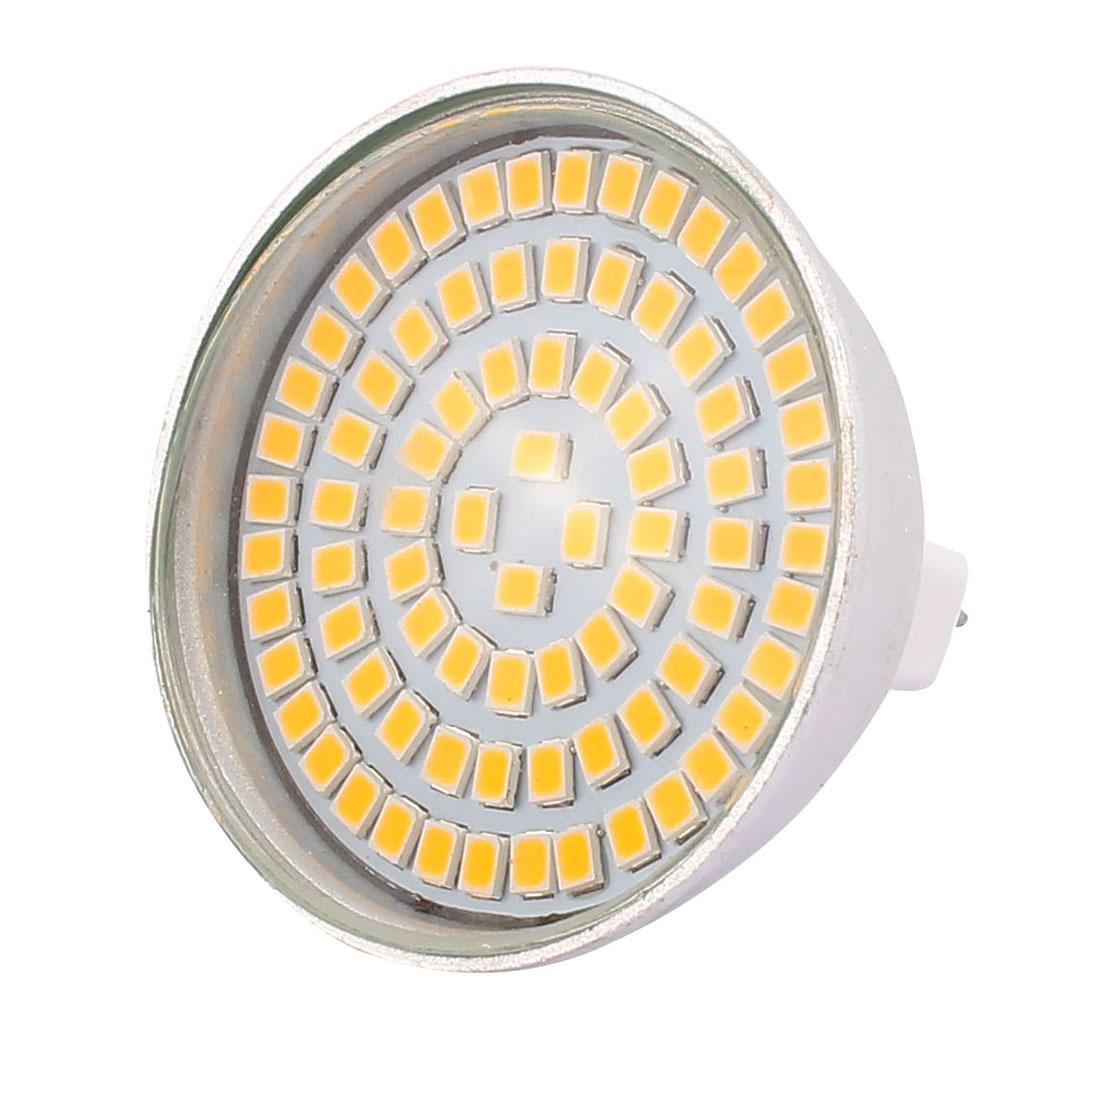 MR16 SMD 2835 80 LEDs Aluminum Energy Saving LED Lamp Bulb Warm White AC 220V 8W